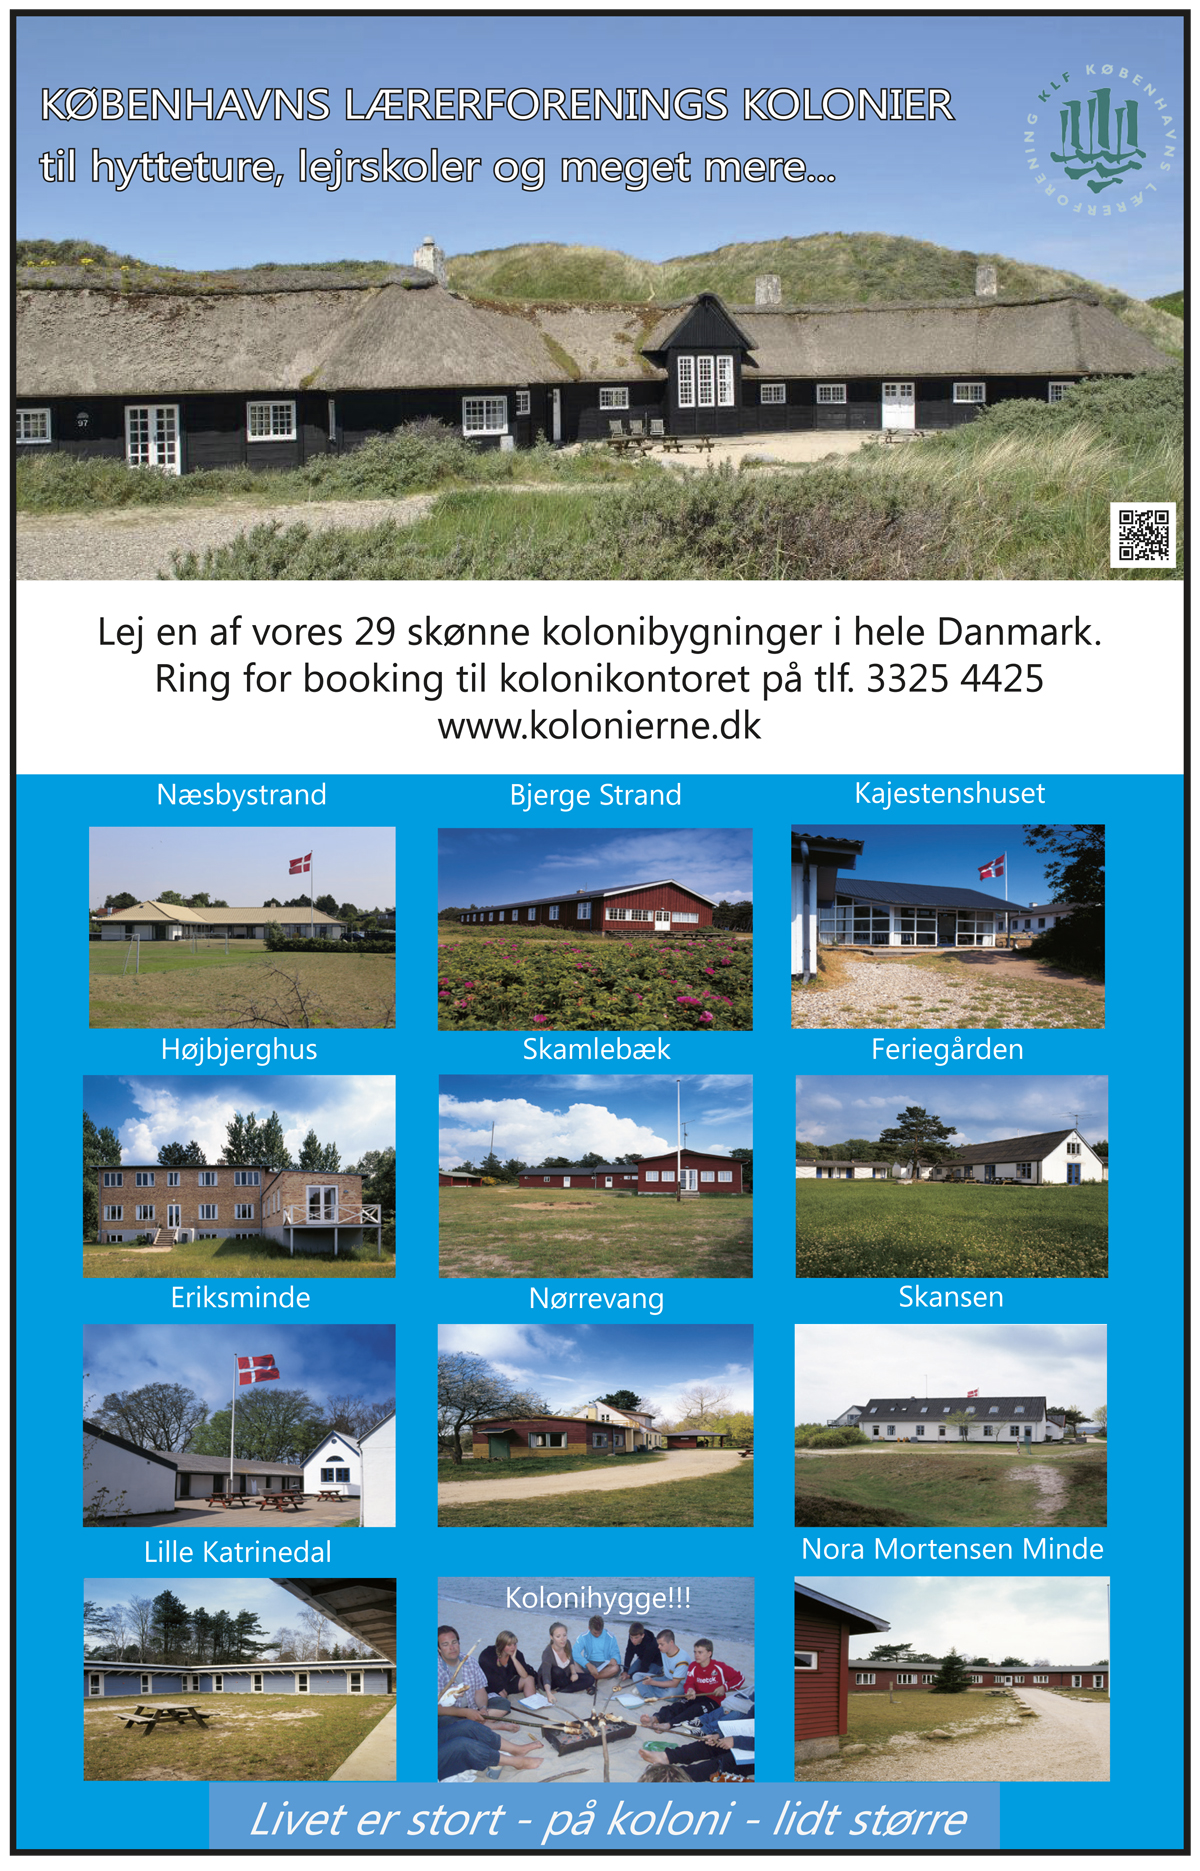 Kolonierne---Sjælland-2017